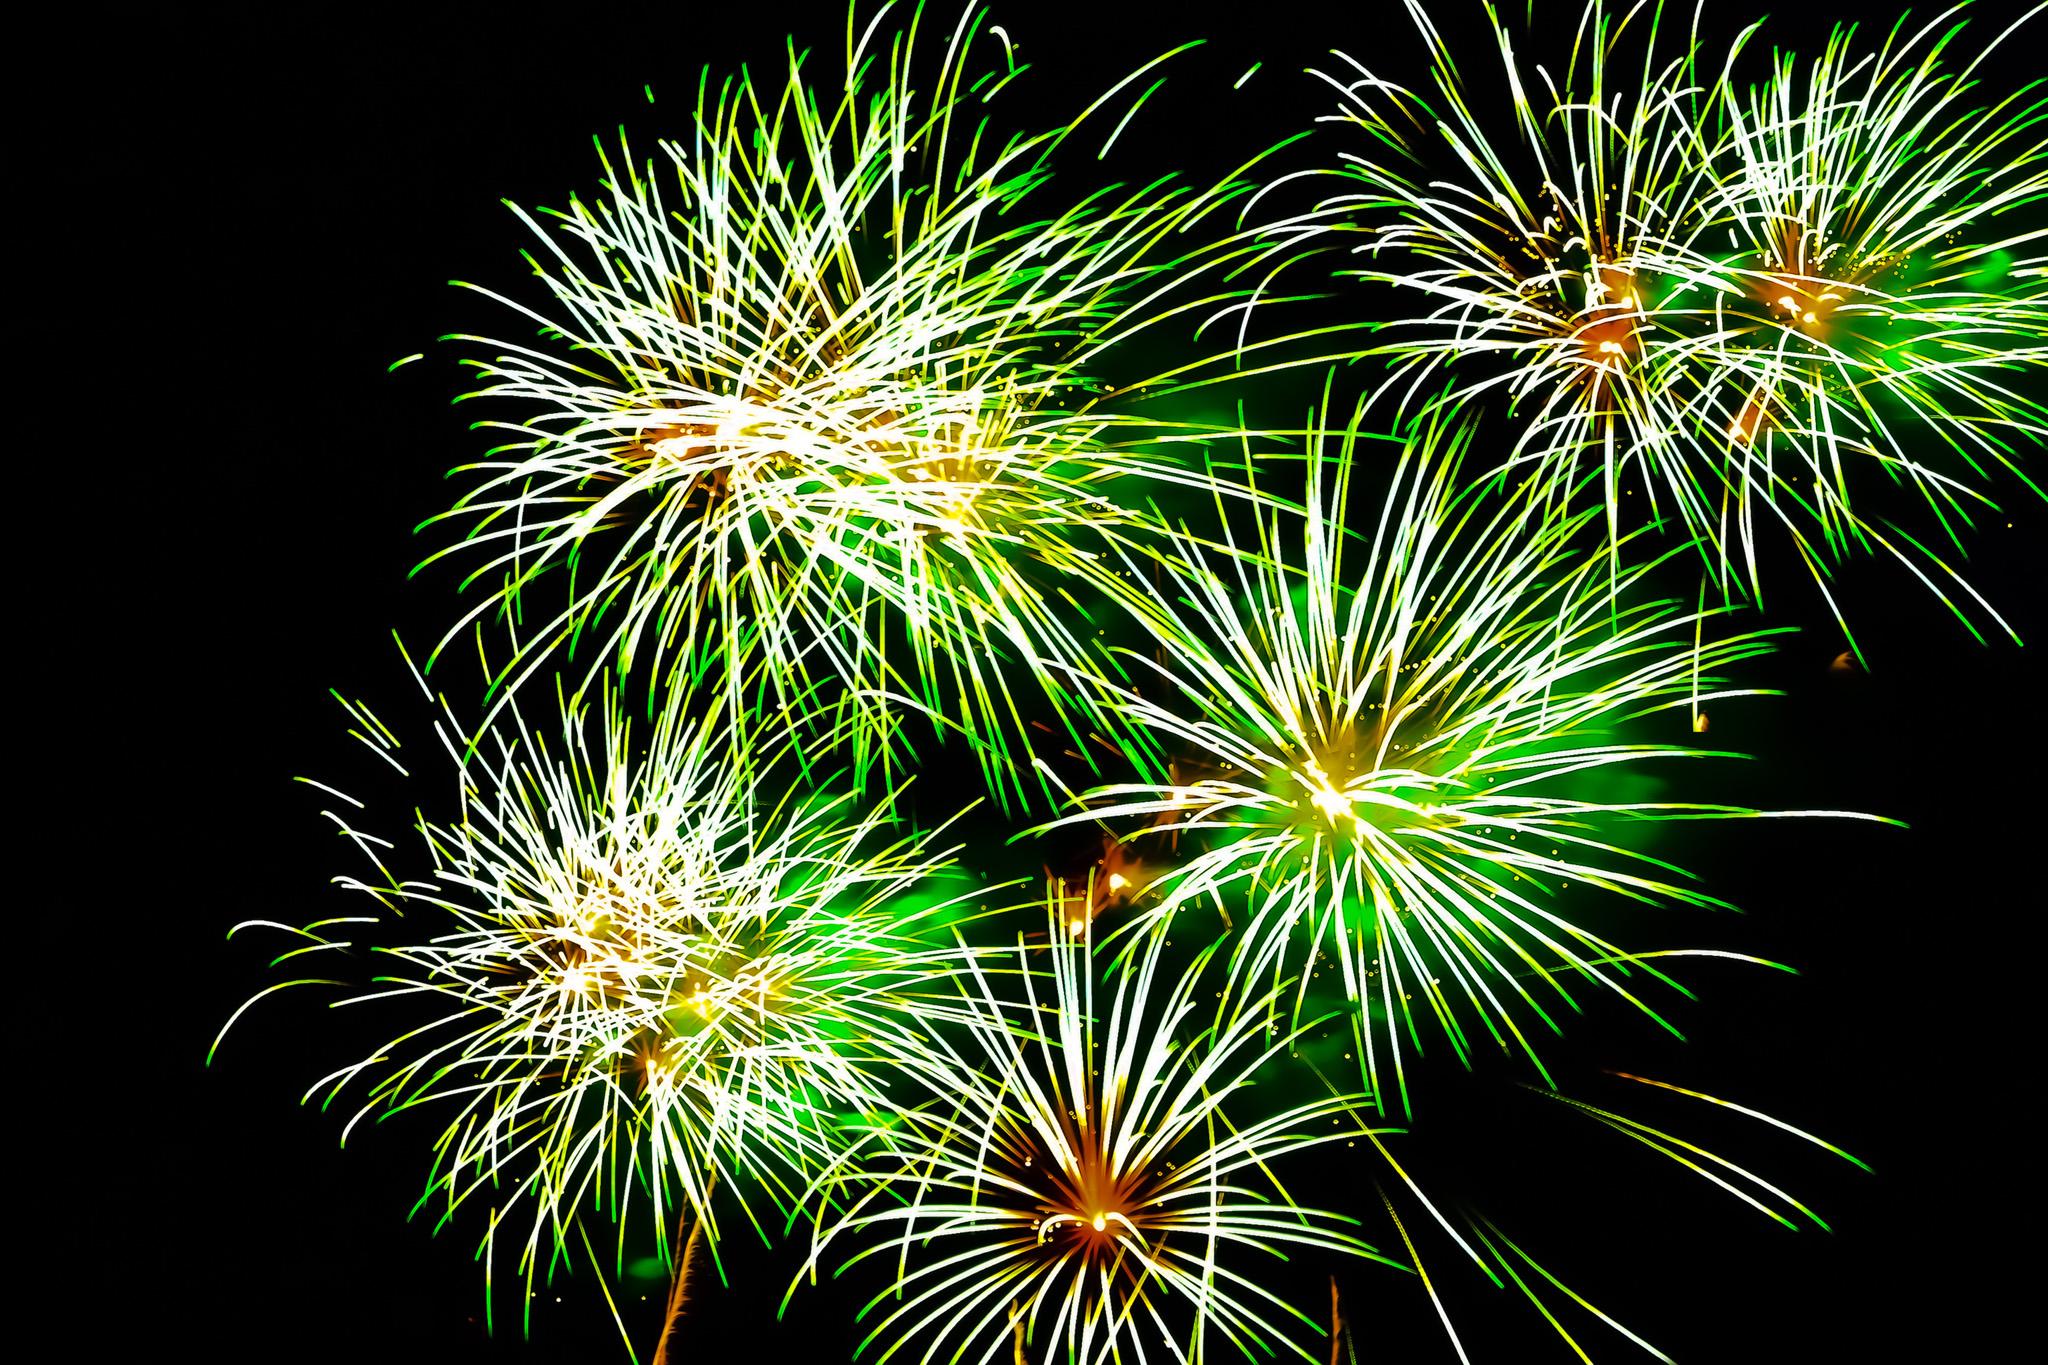 「夜を明るく照らす花火」の素材を無料ダウンロード